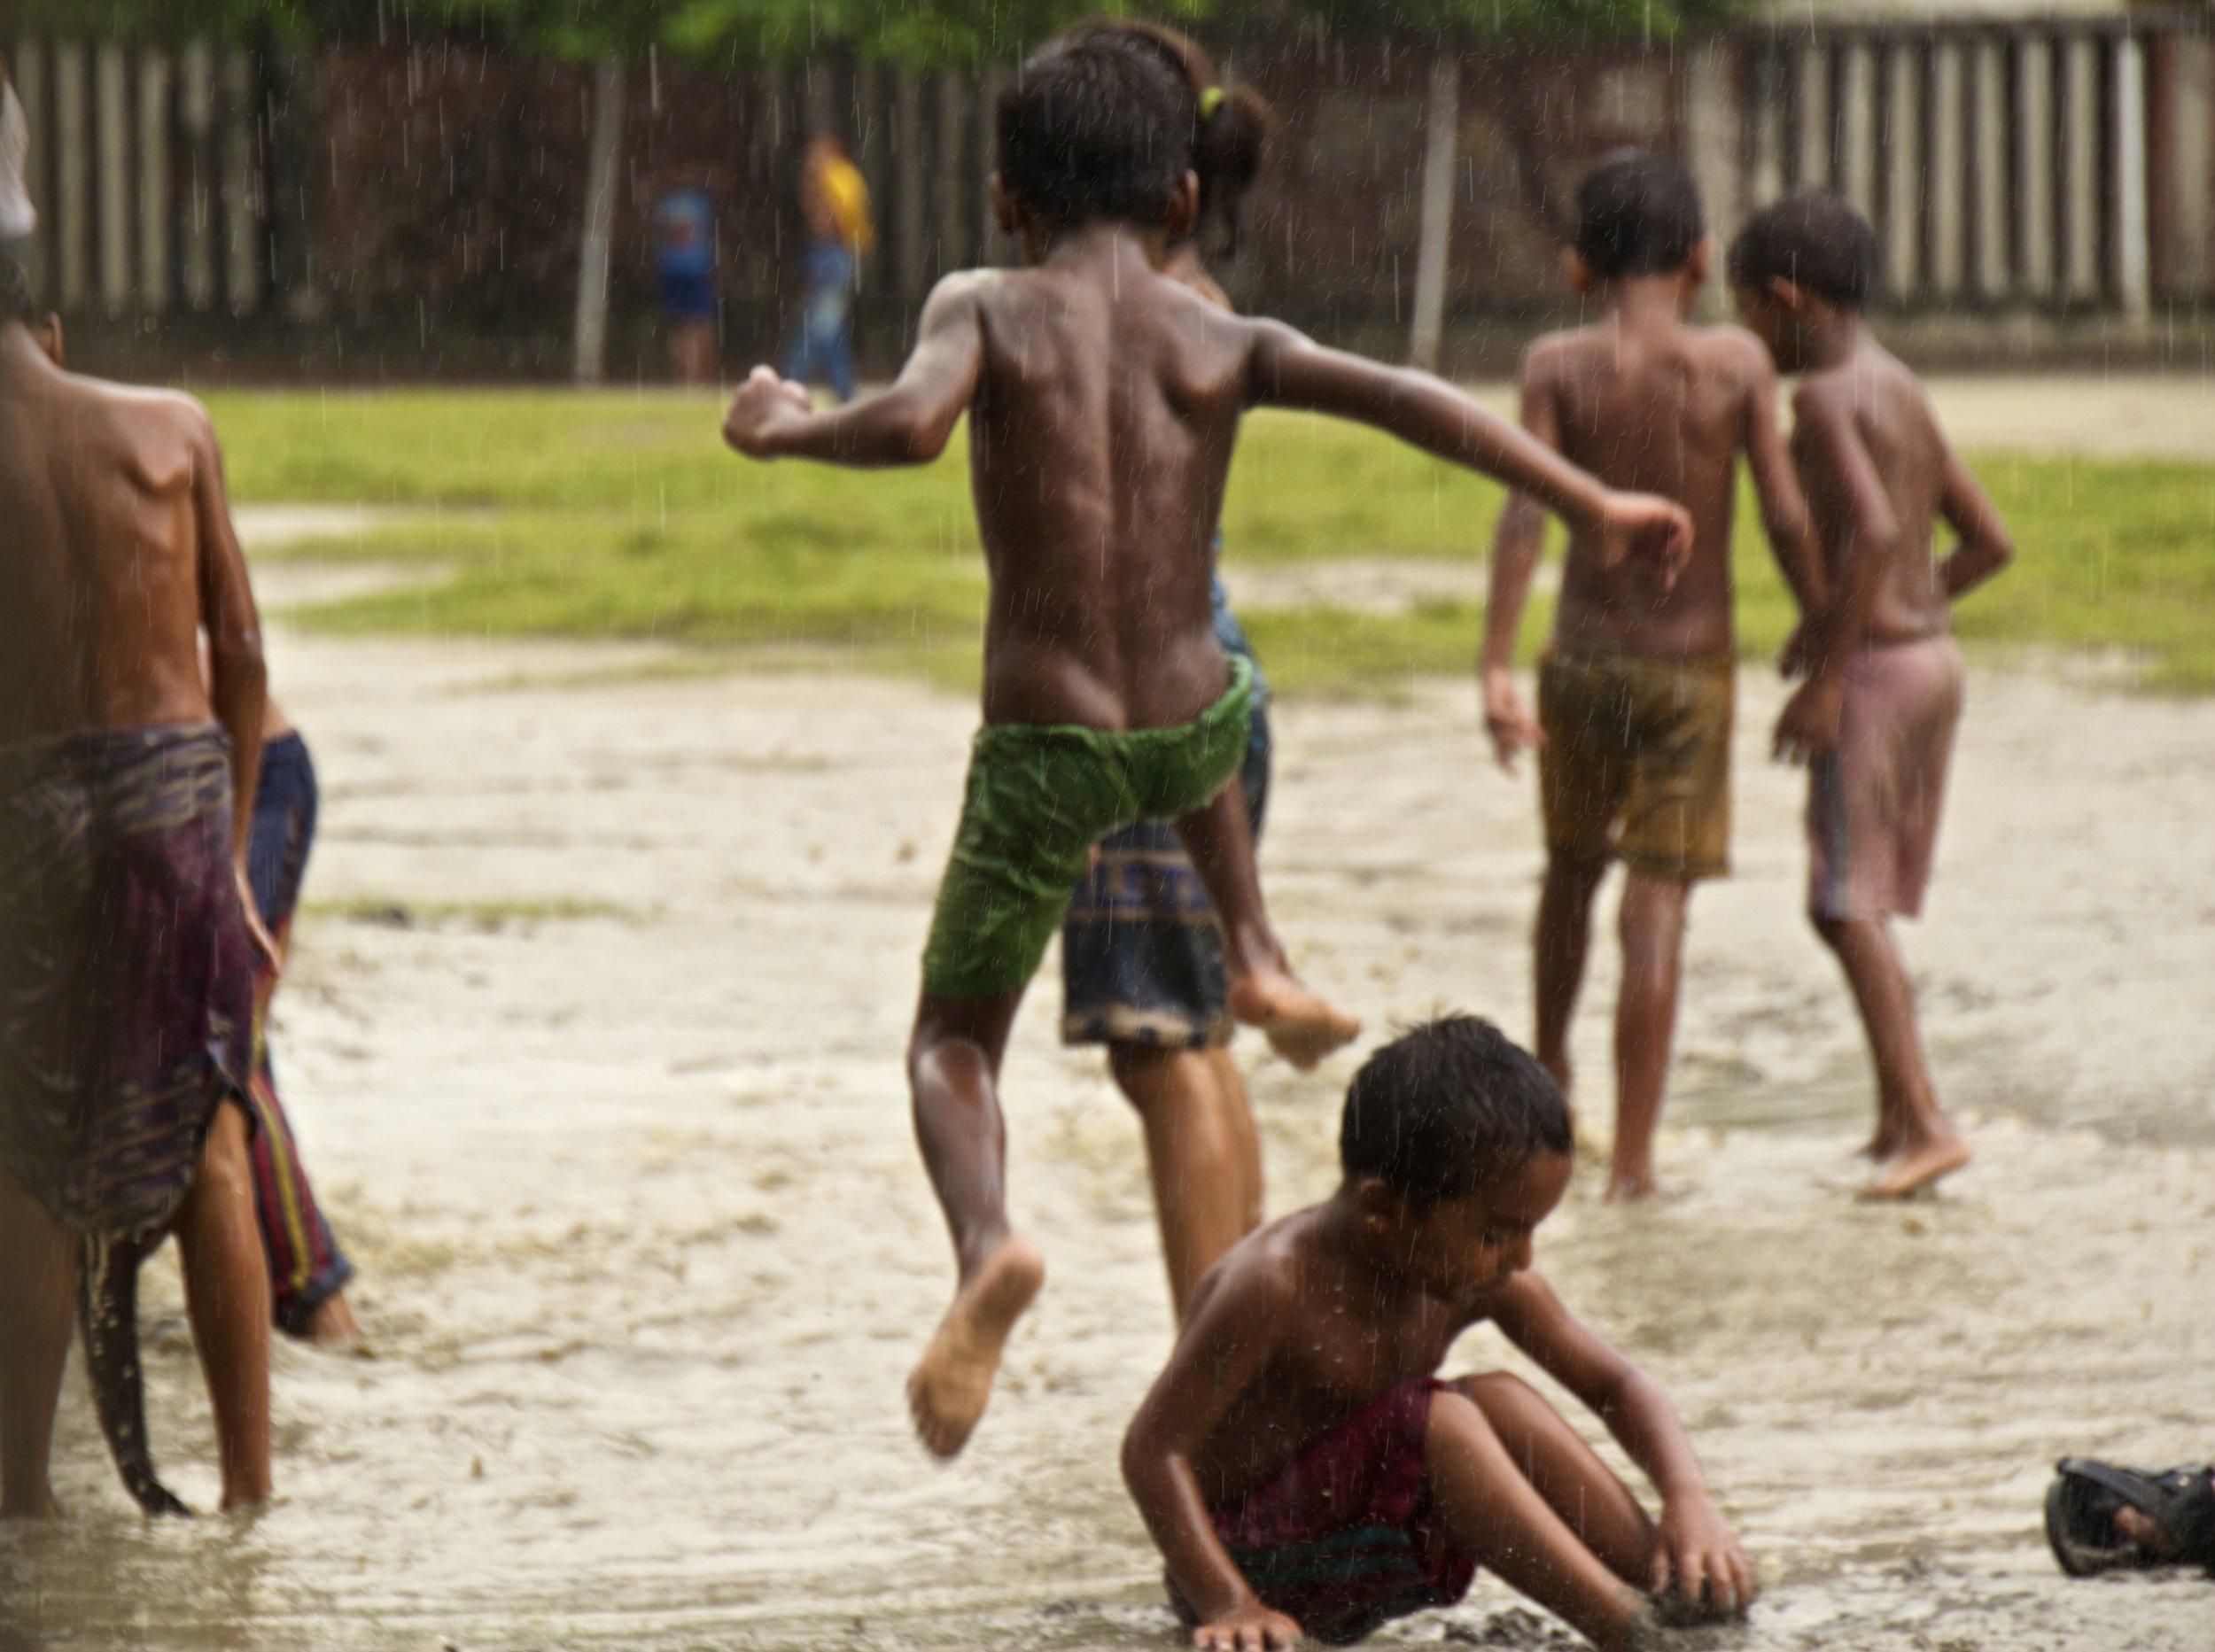 dhaka bangladesh children play in the rain 4.jpg